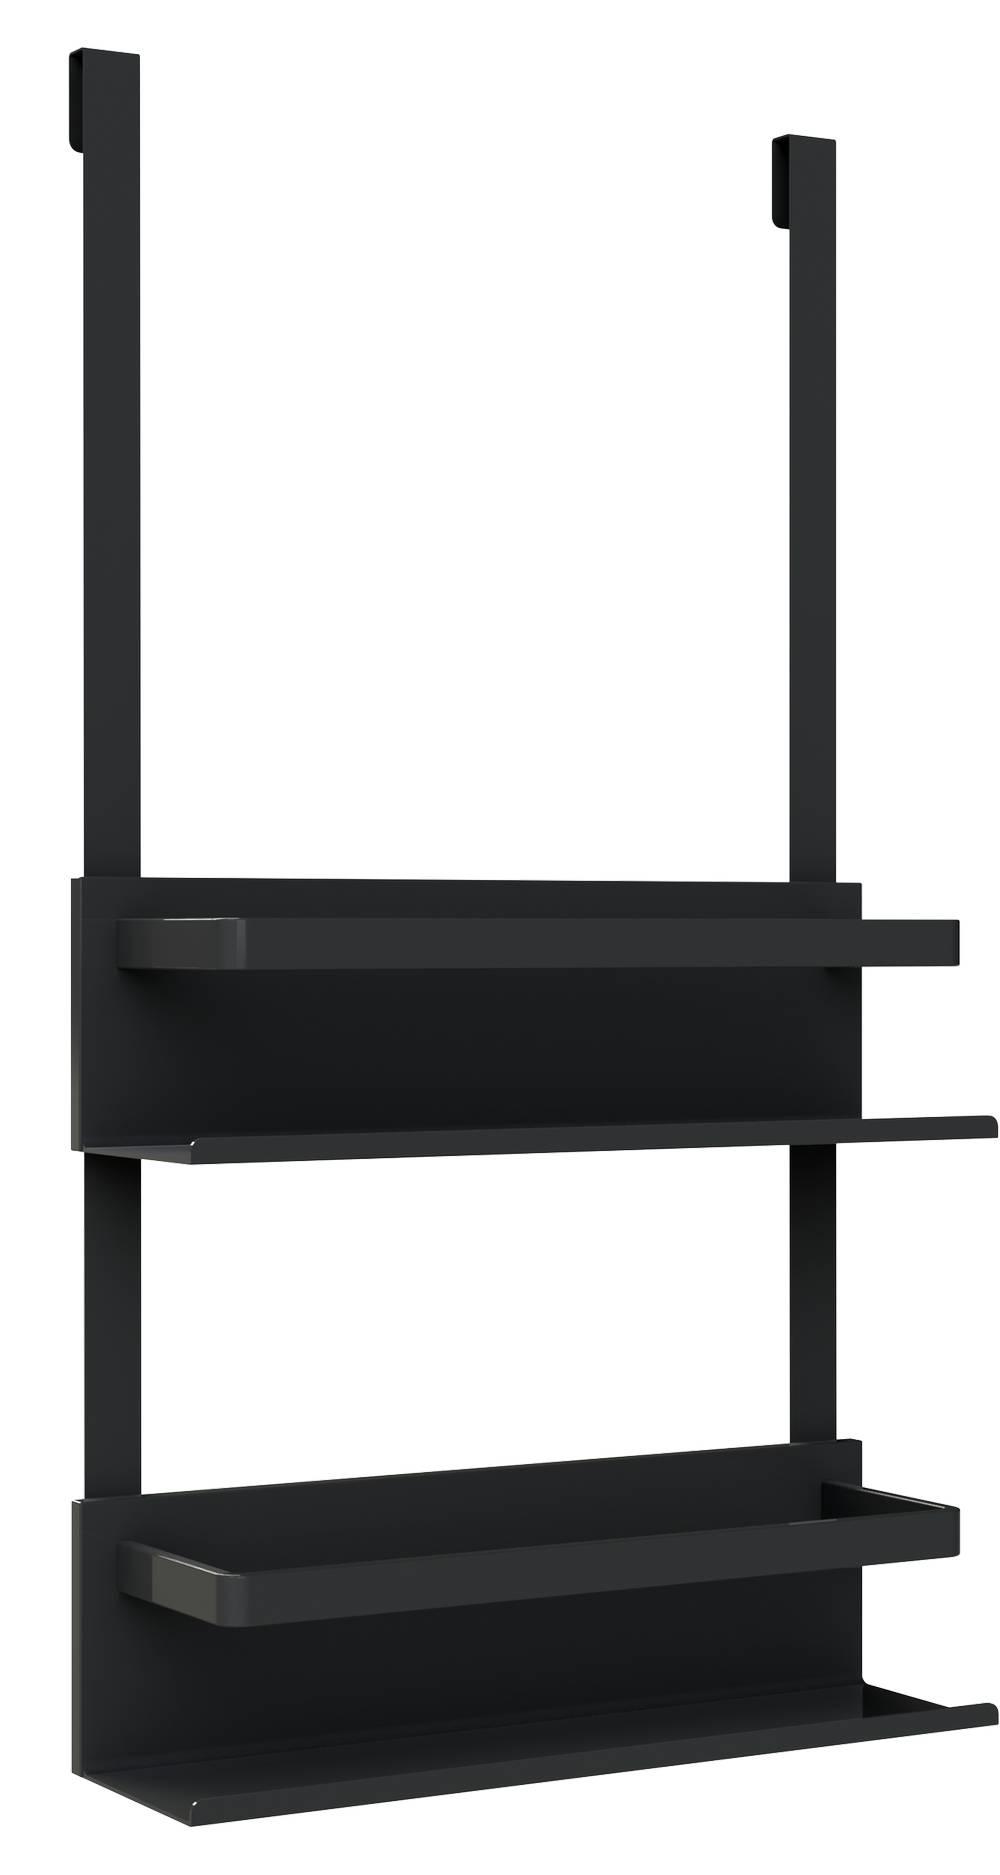 NEW GAME douchetagère 35 cm zwart